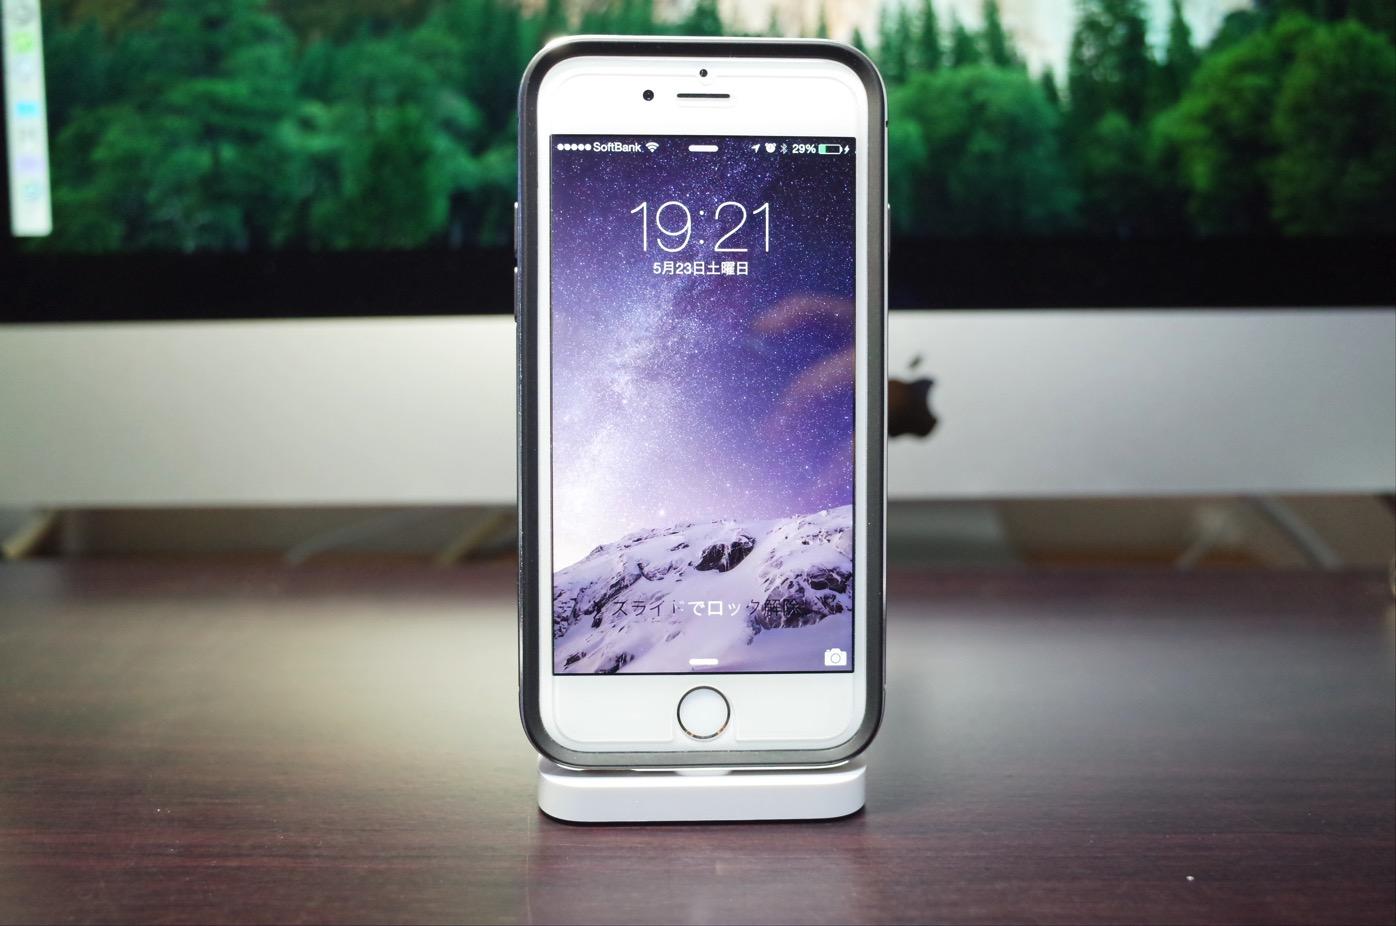 [iPhone]Apple純正の「iPhone Lightning Dock」を購入してみたら、見た目お洒落で使い勝手も快適になったよ